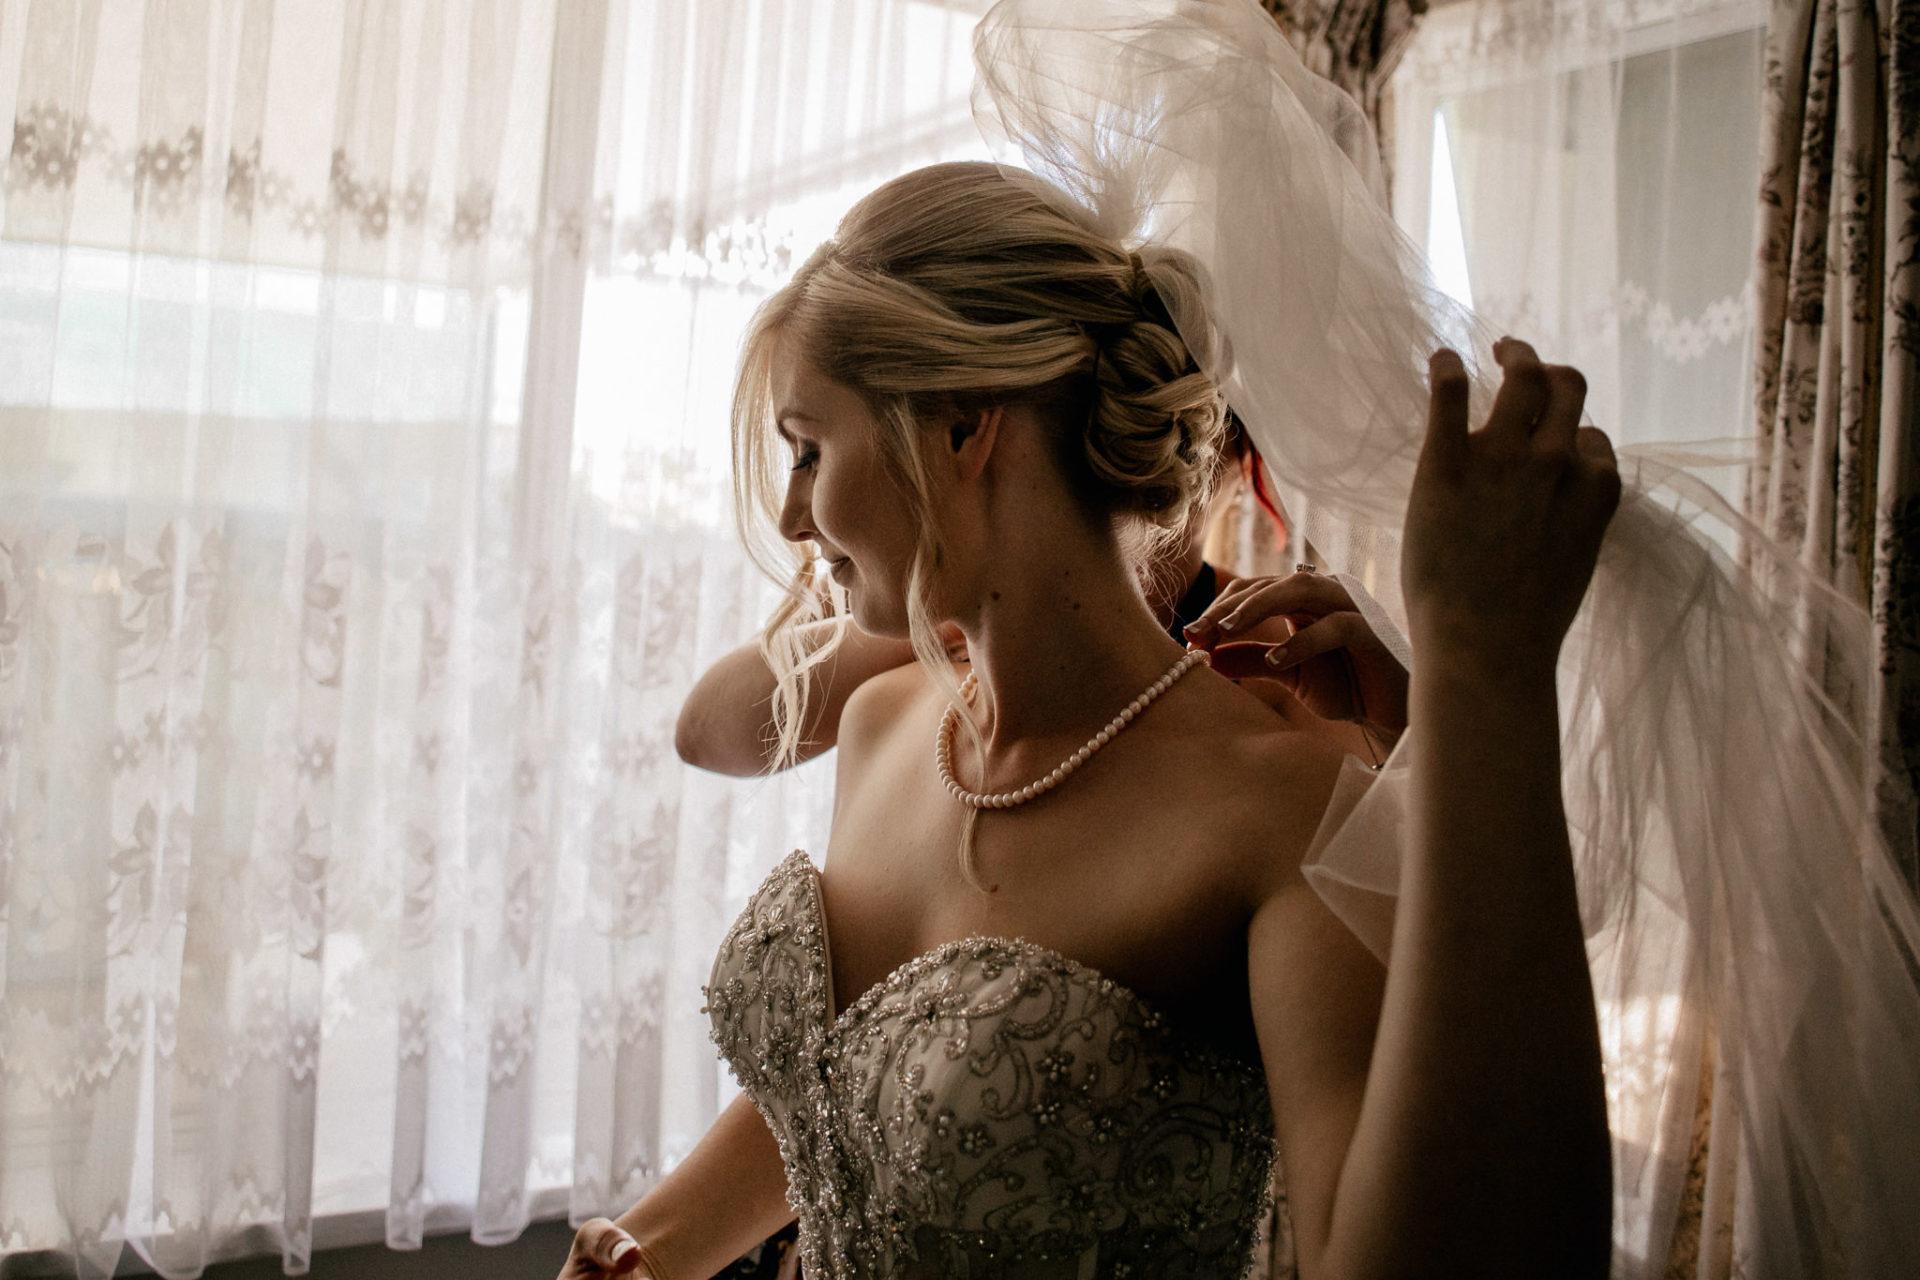 Campinghochzeit-australien-Mooropna Wedding Photographer-Braut Getting Ready-brautkleid-mit-taschen-schleier